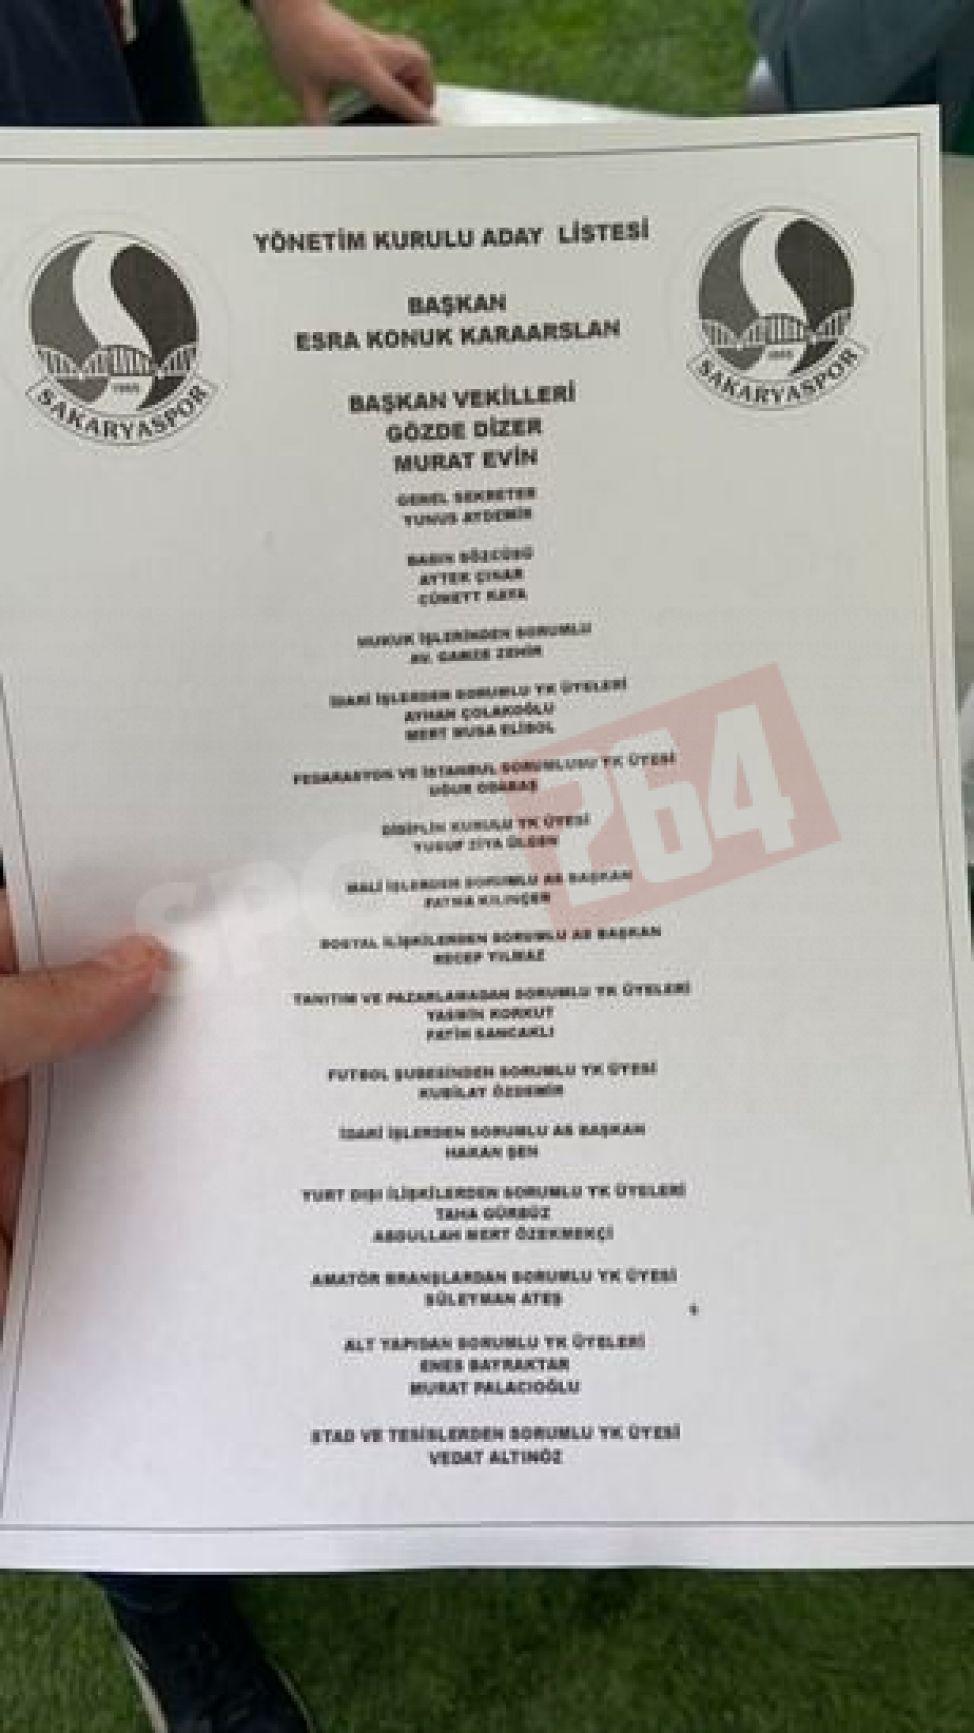 Esra Konuk'un yönetim listesi belli oldu!